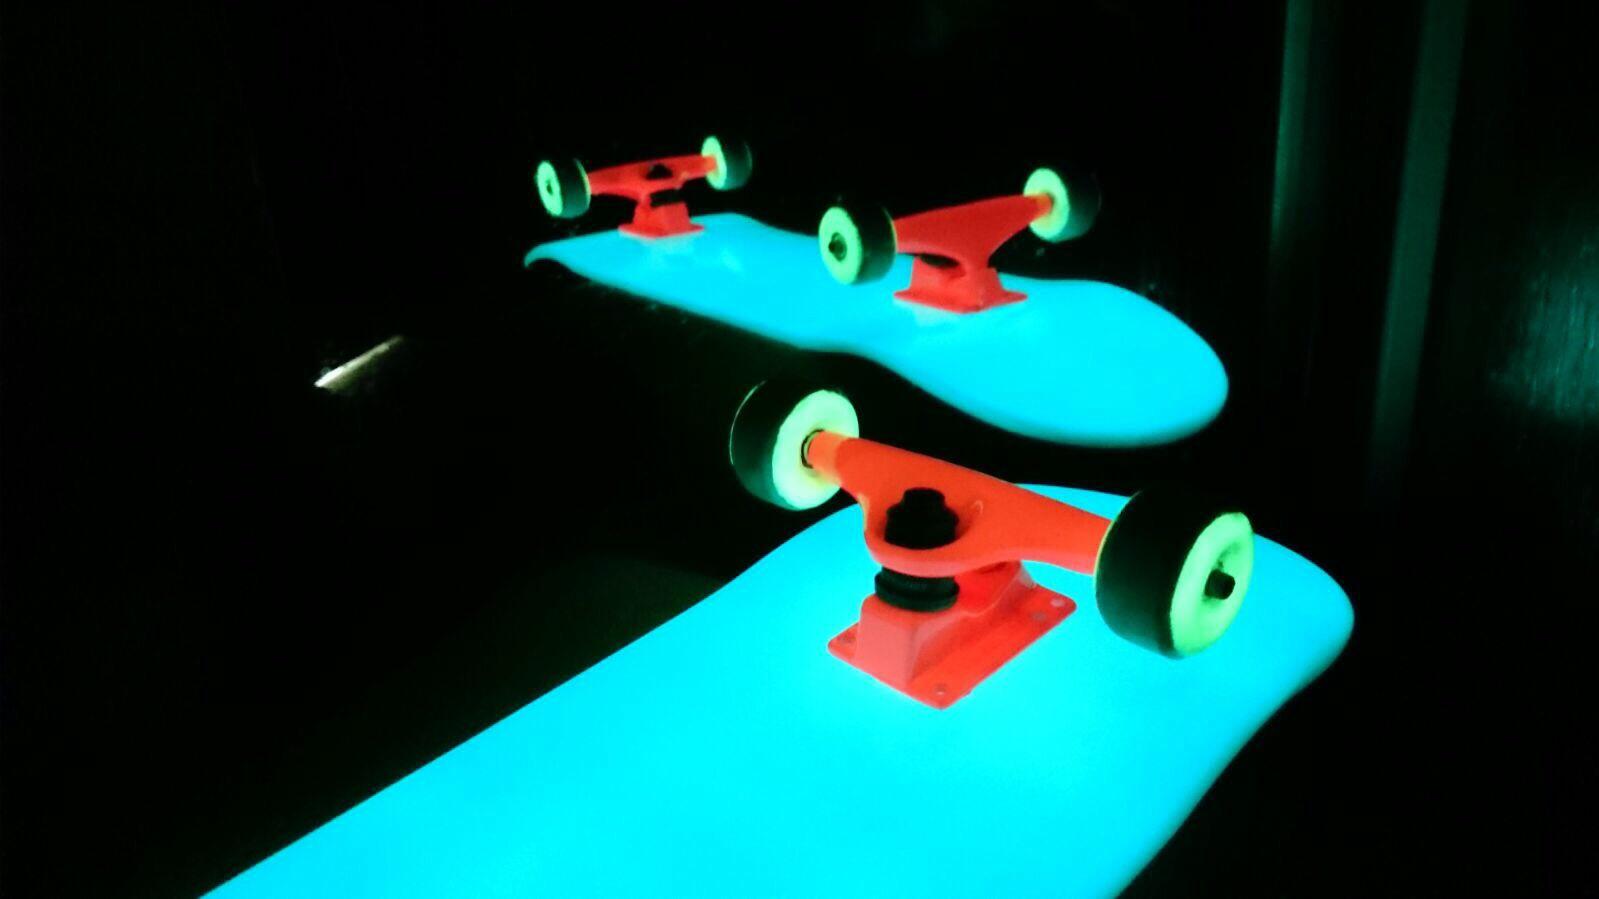 Skate pintado con pintura luminiscente